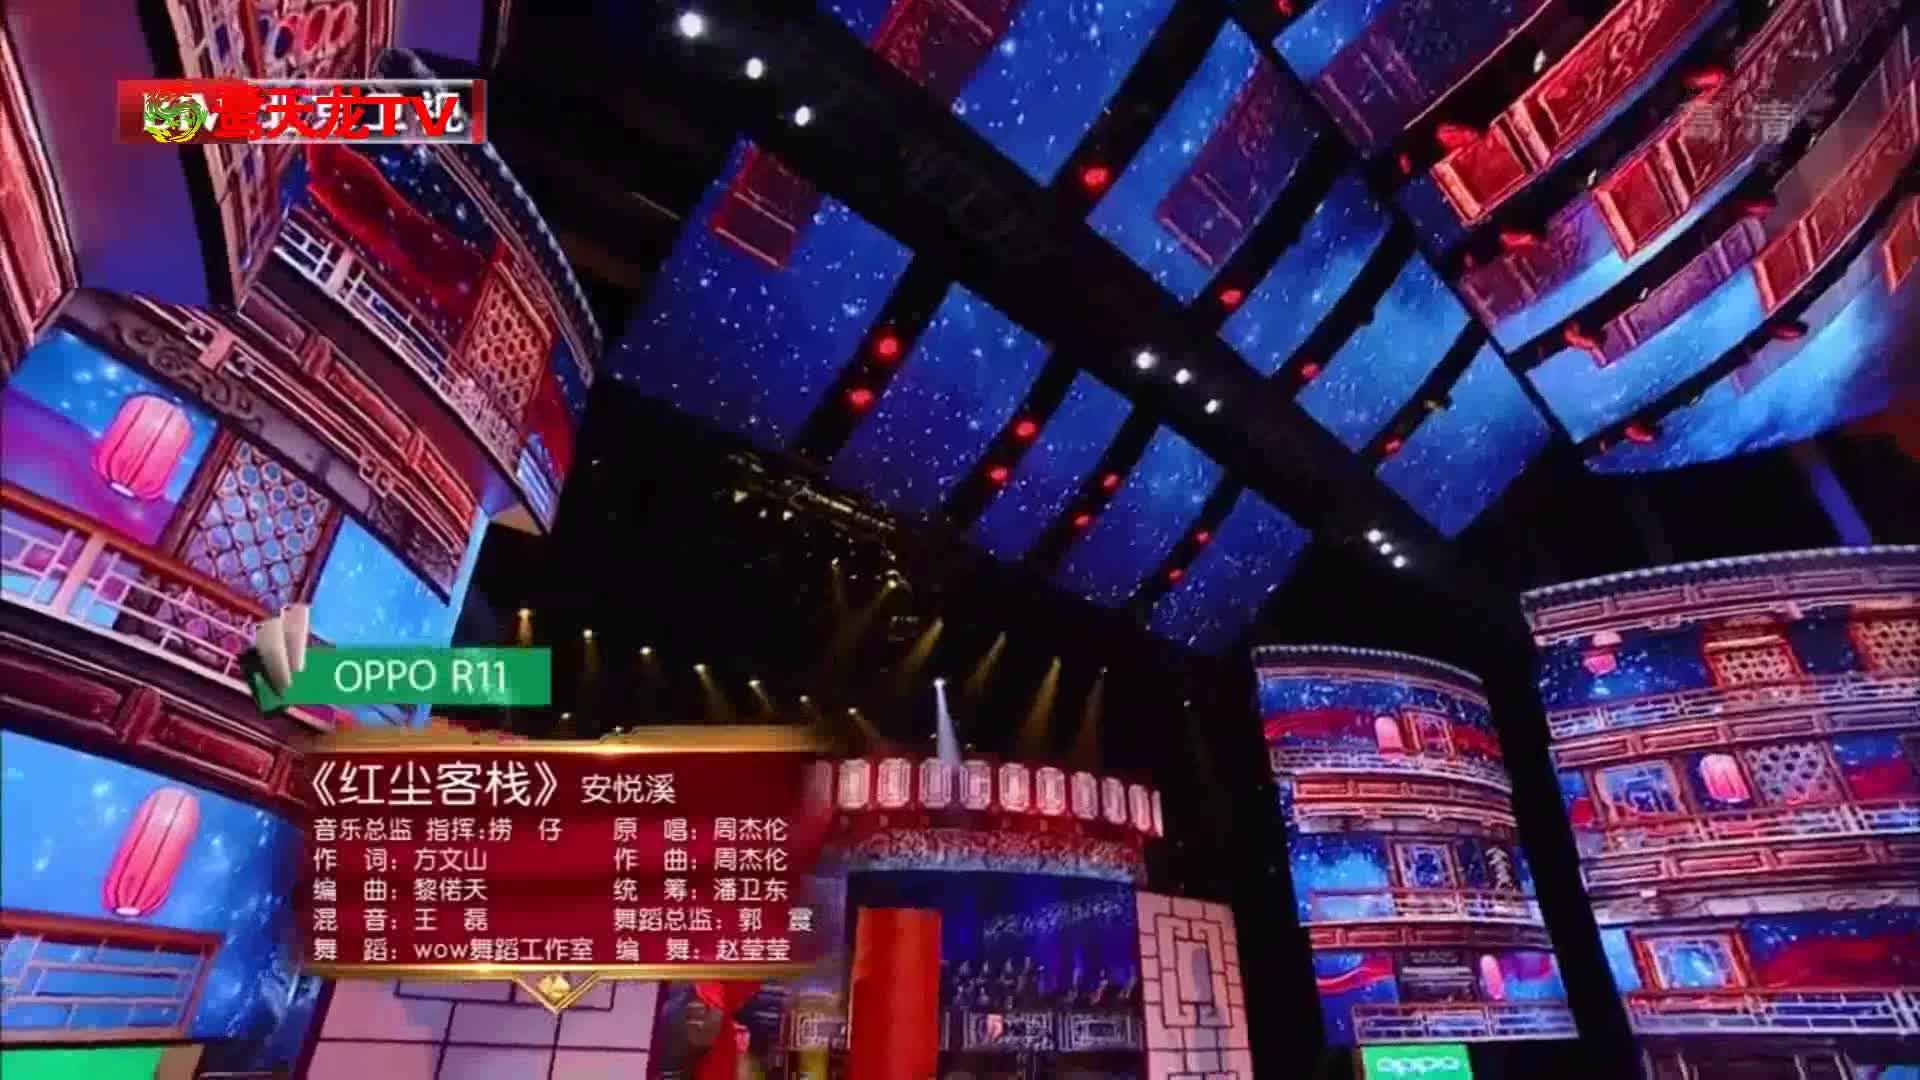 安悦溪一首武侠风浓厚的《红尘客栈》秀中国风舞蹈